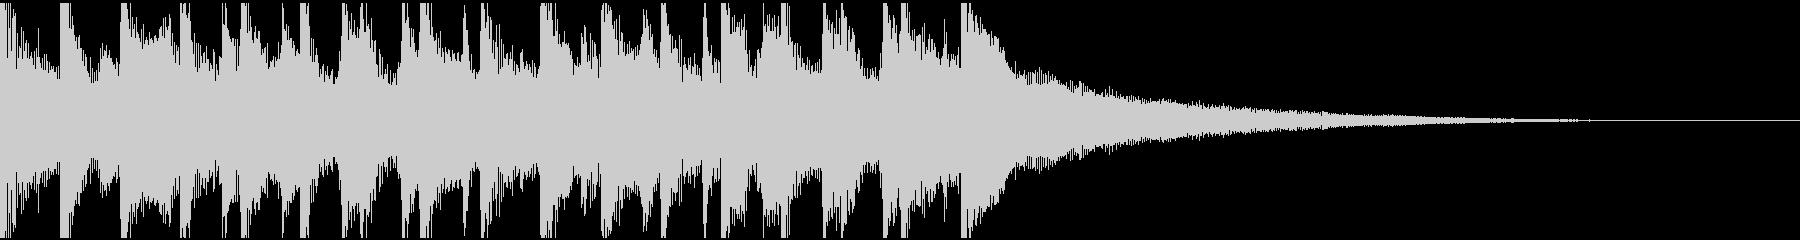 15秒ウクレレ、リコーダーの楽しい楽曲の未再生の波形